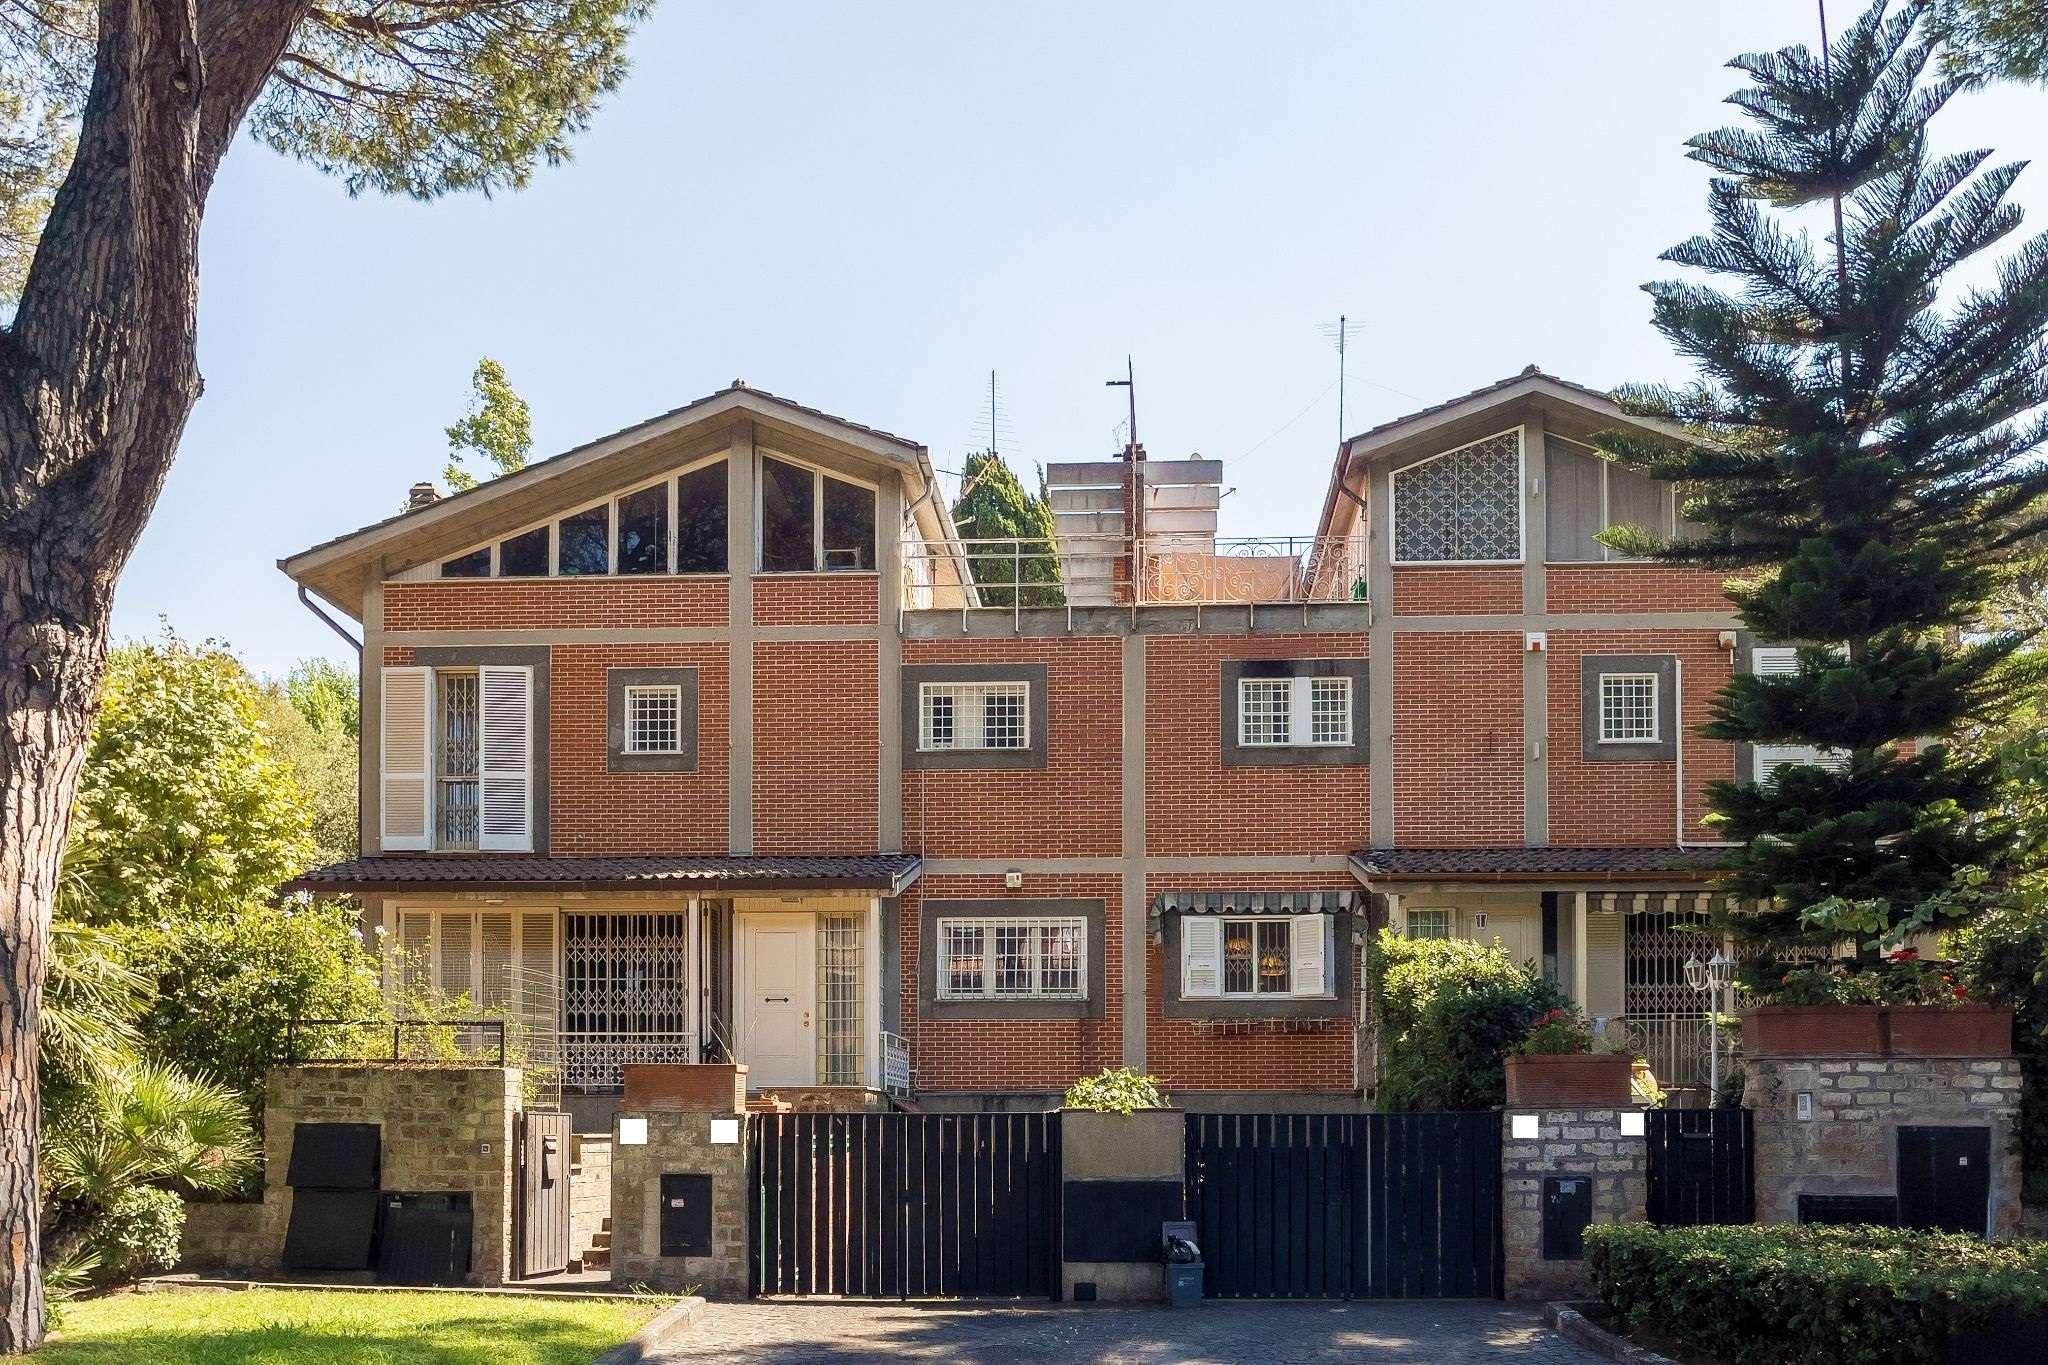 Villa Bifamiliare in vendita a Roma, 9 locali, zona Zona: 38 . Acilia, Vitinia, Infernetto, Axa, Casal Palocco, Madonnetta, prezzo € 830.000 | CambioCasa.it